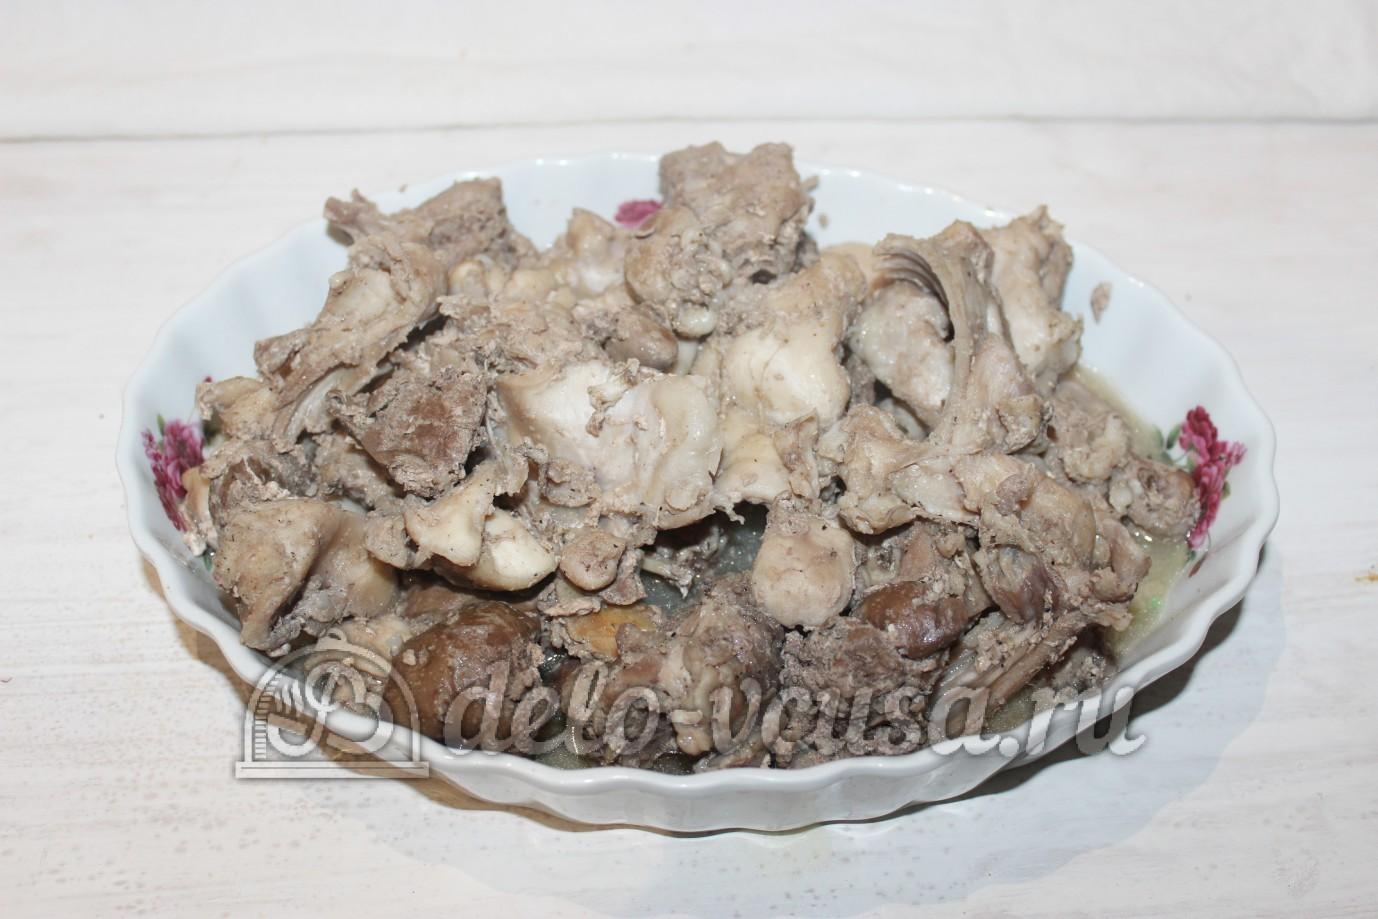 Тушеный кролик в духовке: Переложить мясо в форму